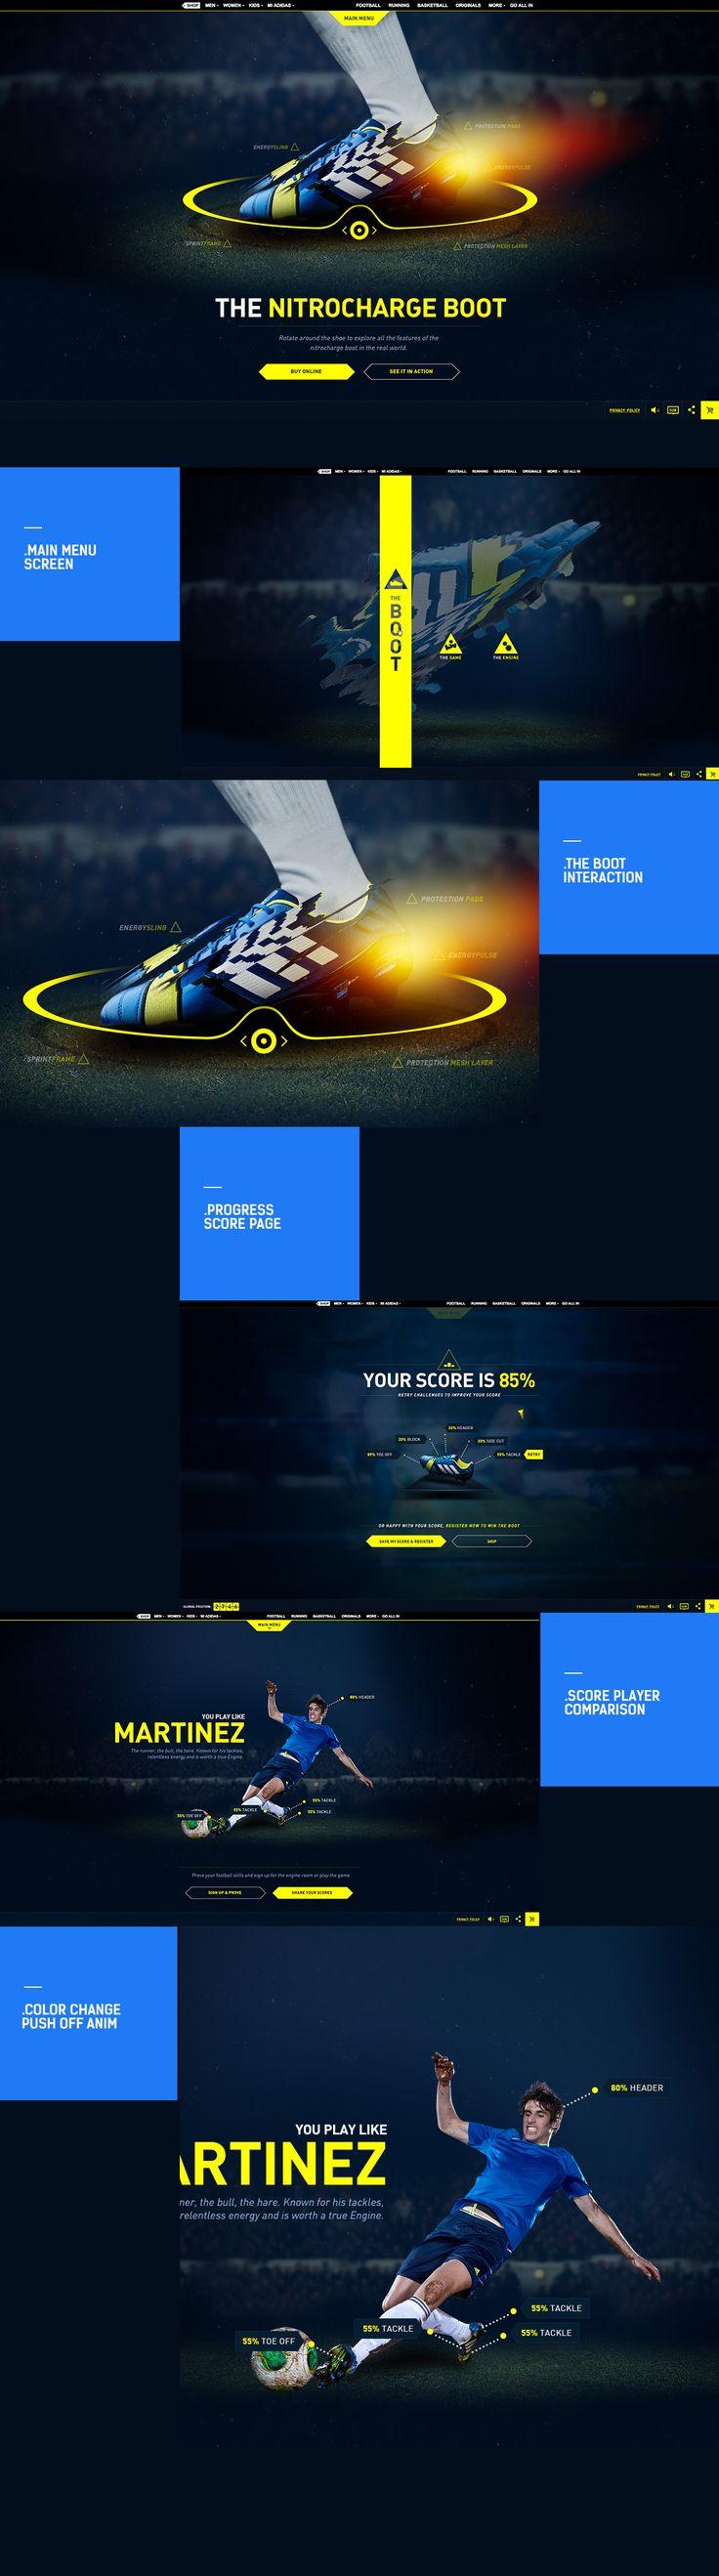 Cool Web Design on the Internet, Adidas. #webdesign #webdevelopment #website @ http://www.pinterest.com/alfredchong/web-design/